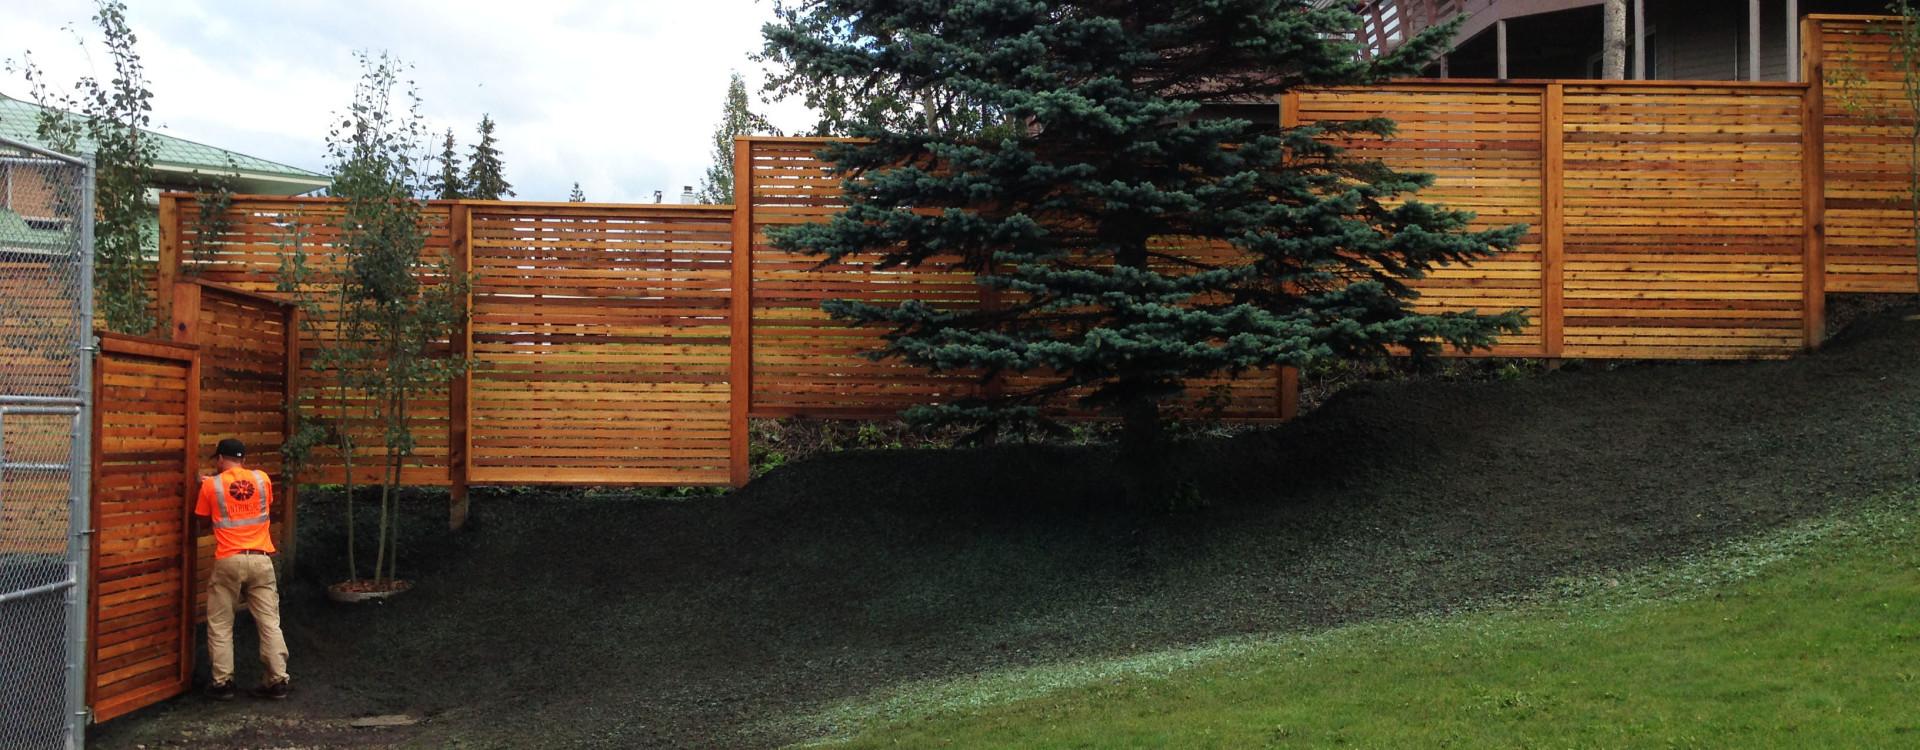 fence finishing touches